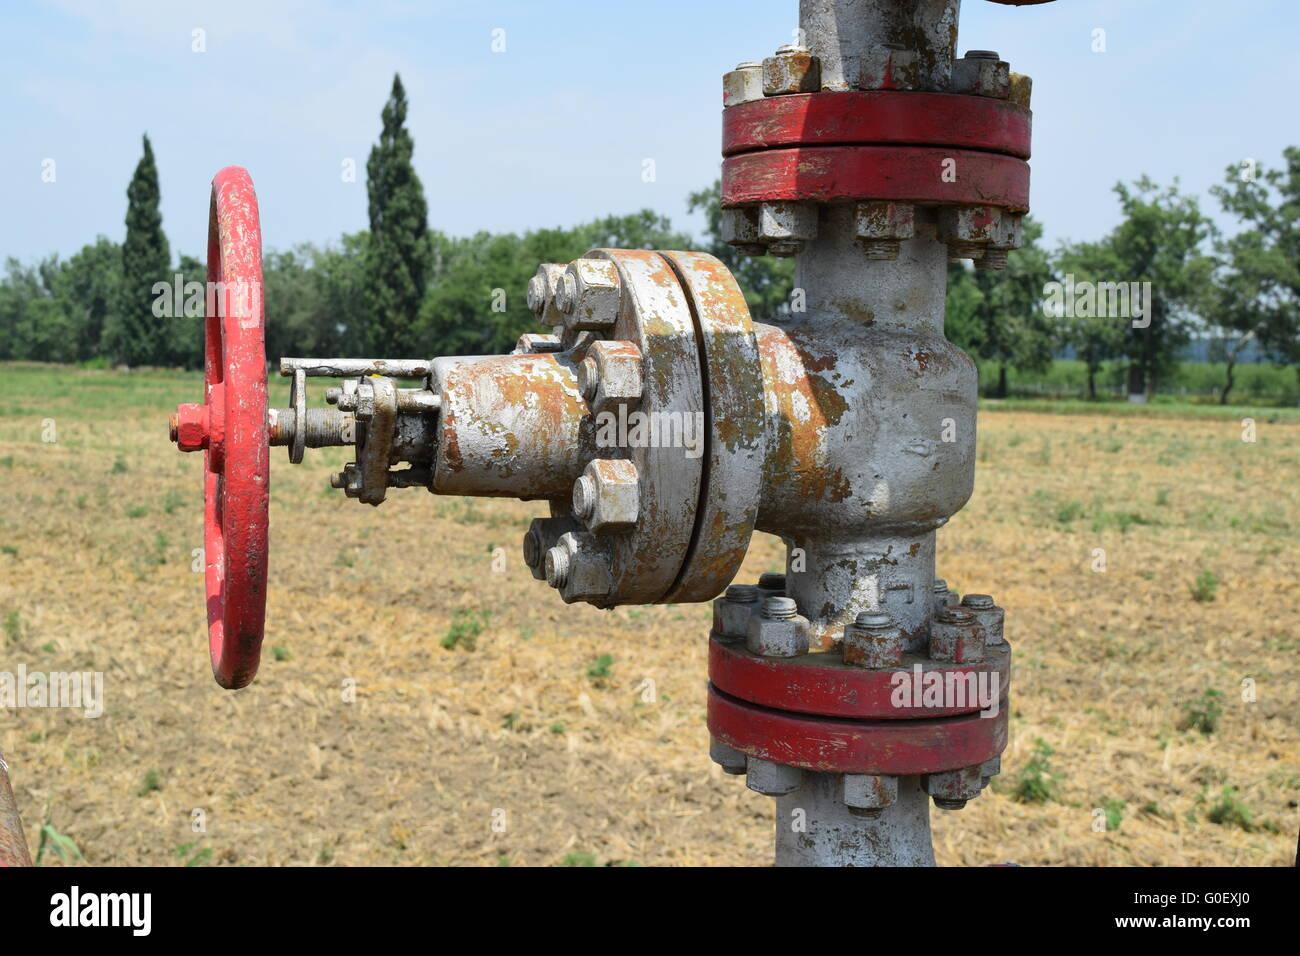 Das Tor auf eine Ölquelle Stockbild